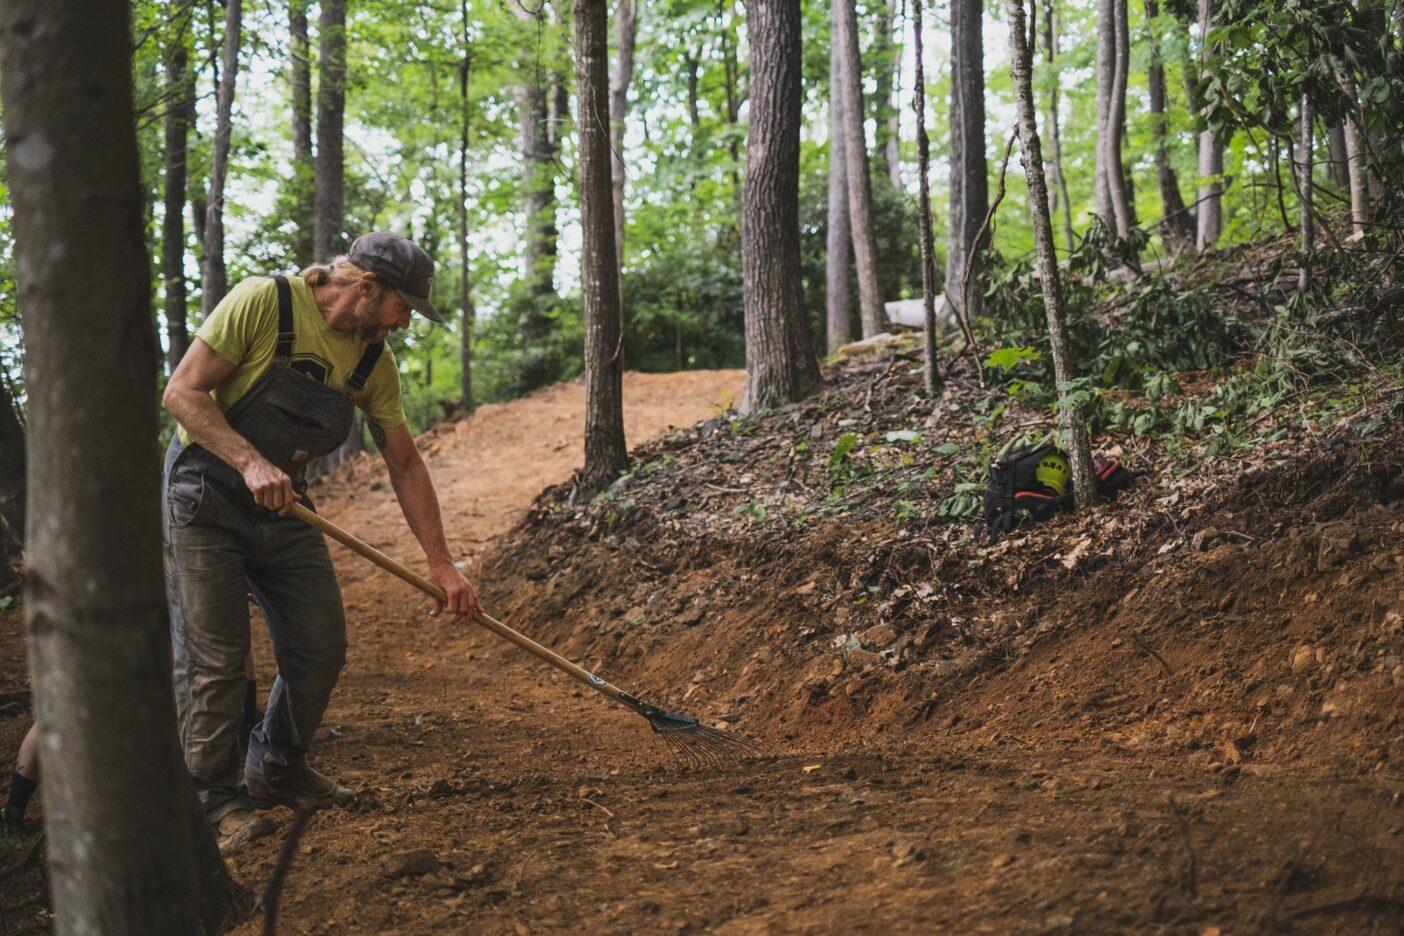 アーティストが筆と絵の具を使うように、ライターでありトレイルビルダーのクリスチャン・ジャクソンは土と熊手とペンを使う。Photo:TJ Kearns